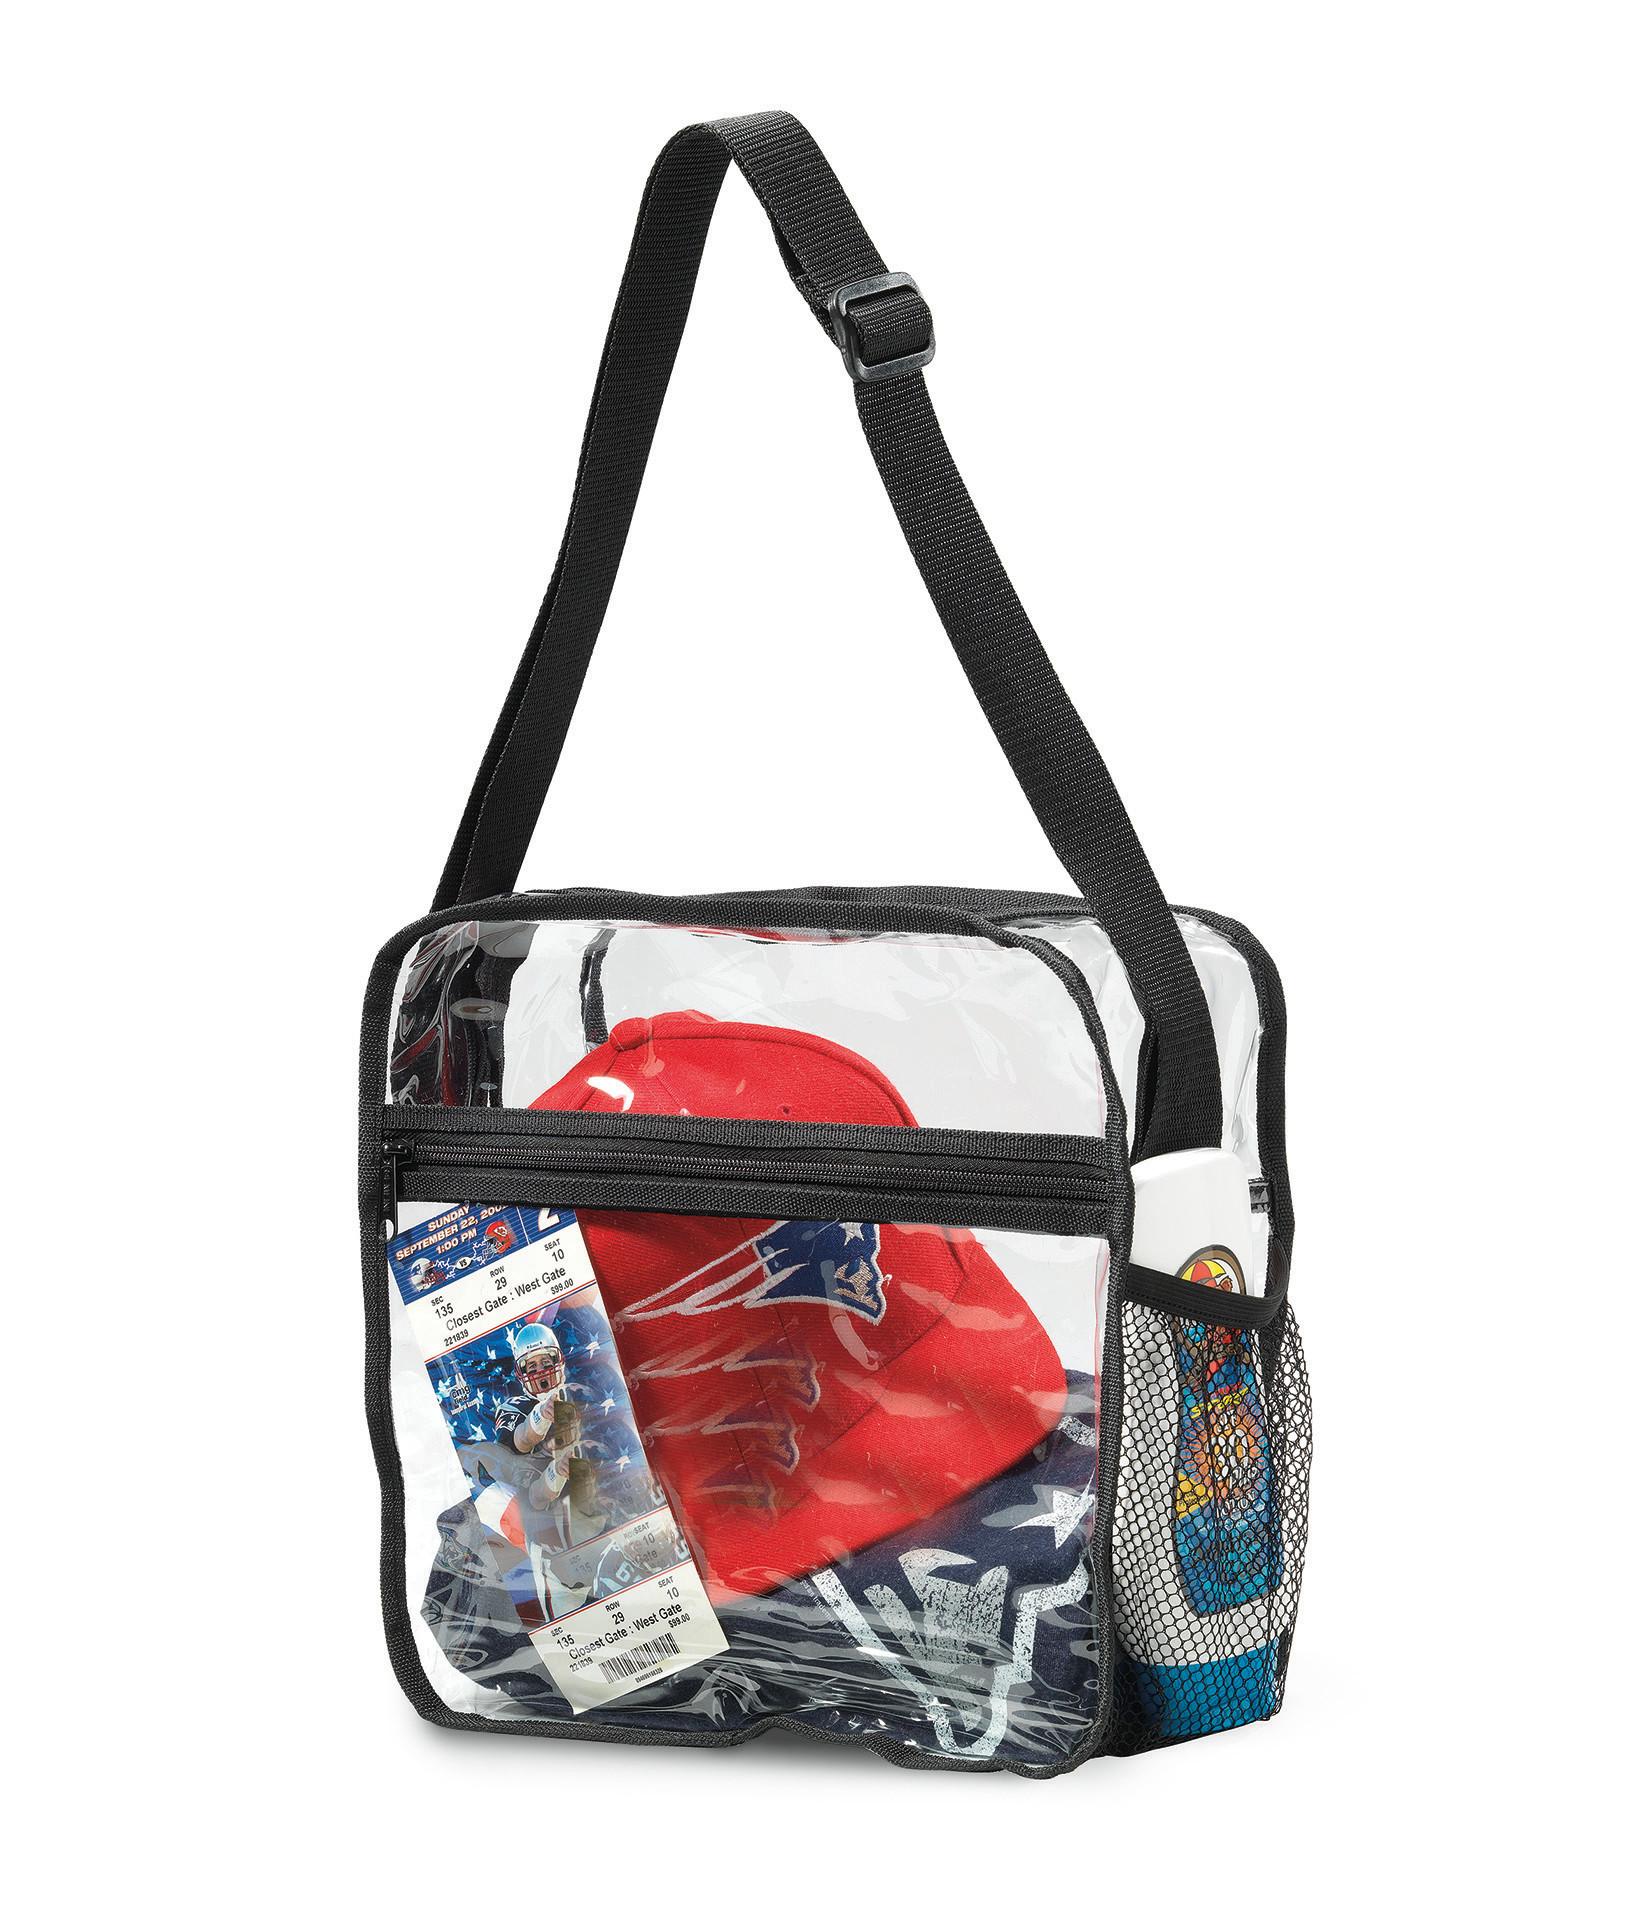 Gemline 2208 - Clear Event Messenger Bag